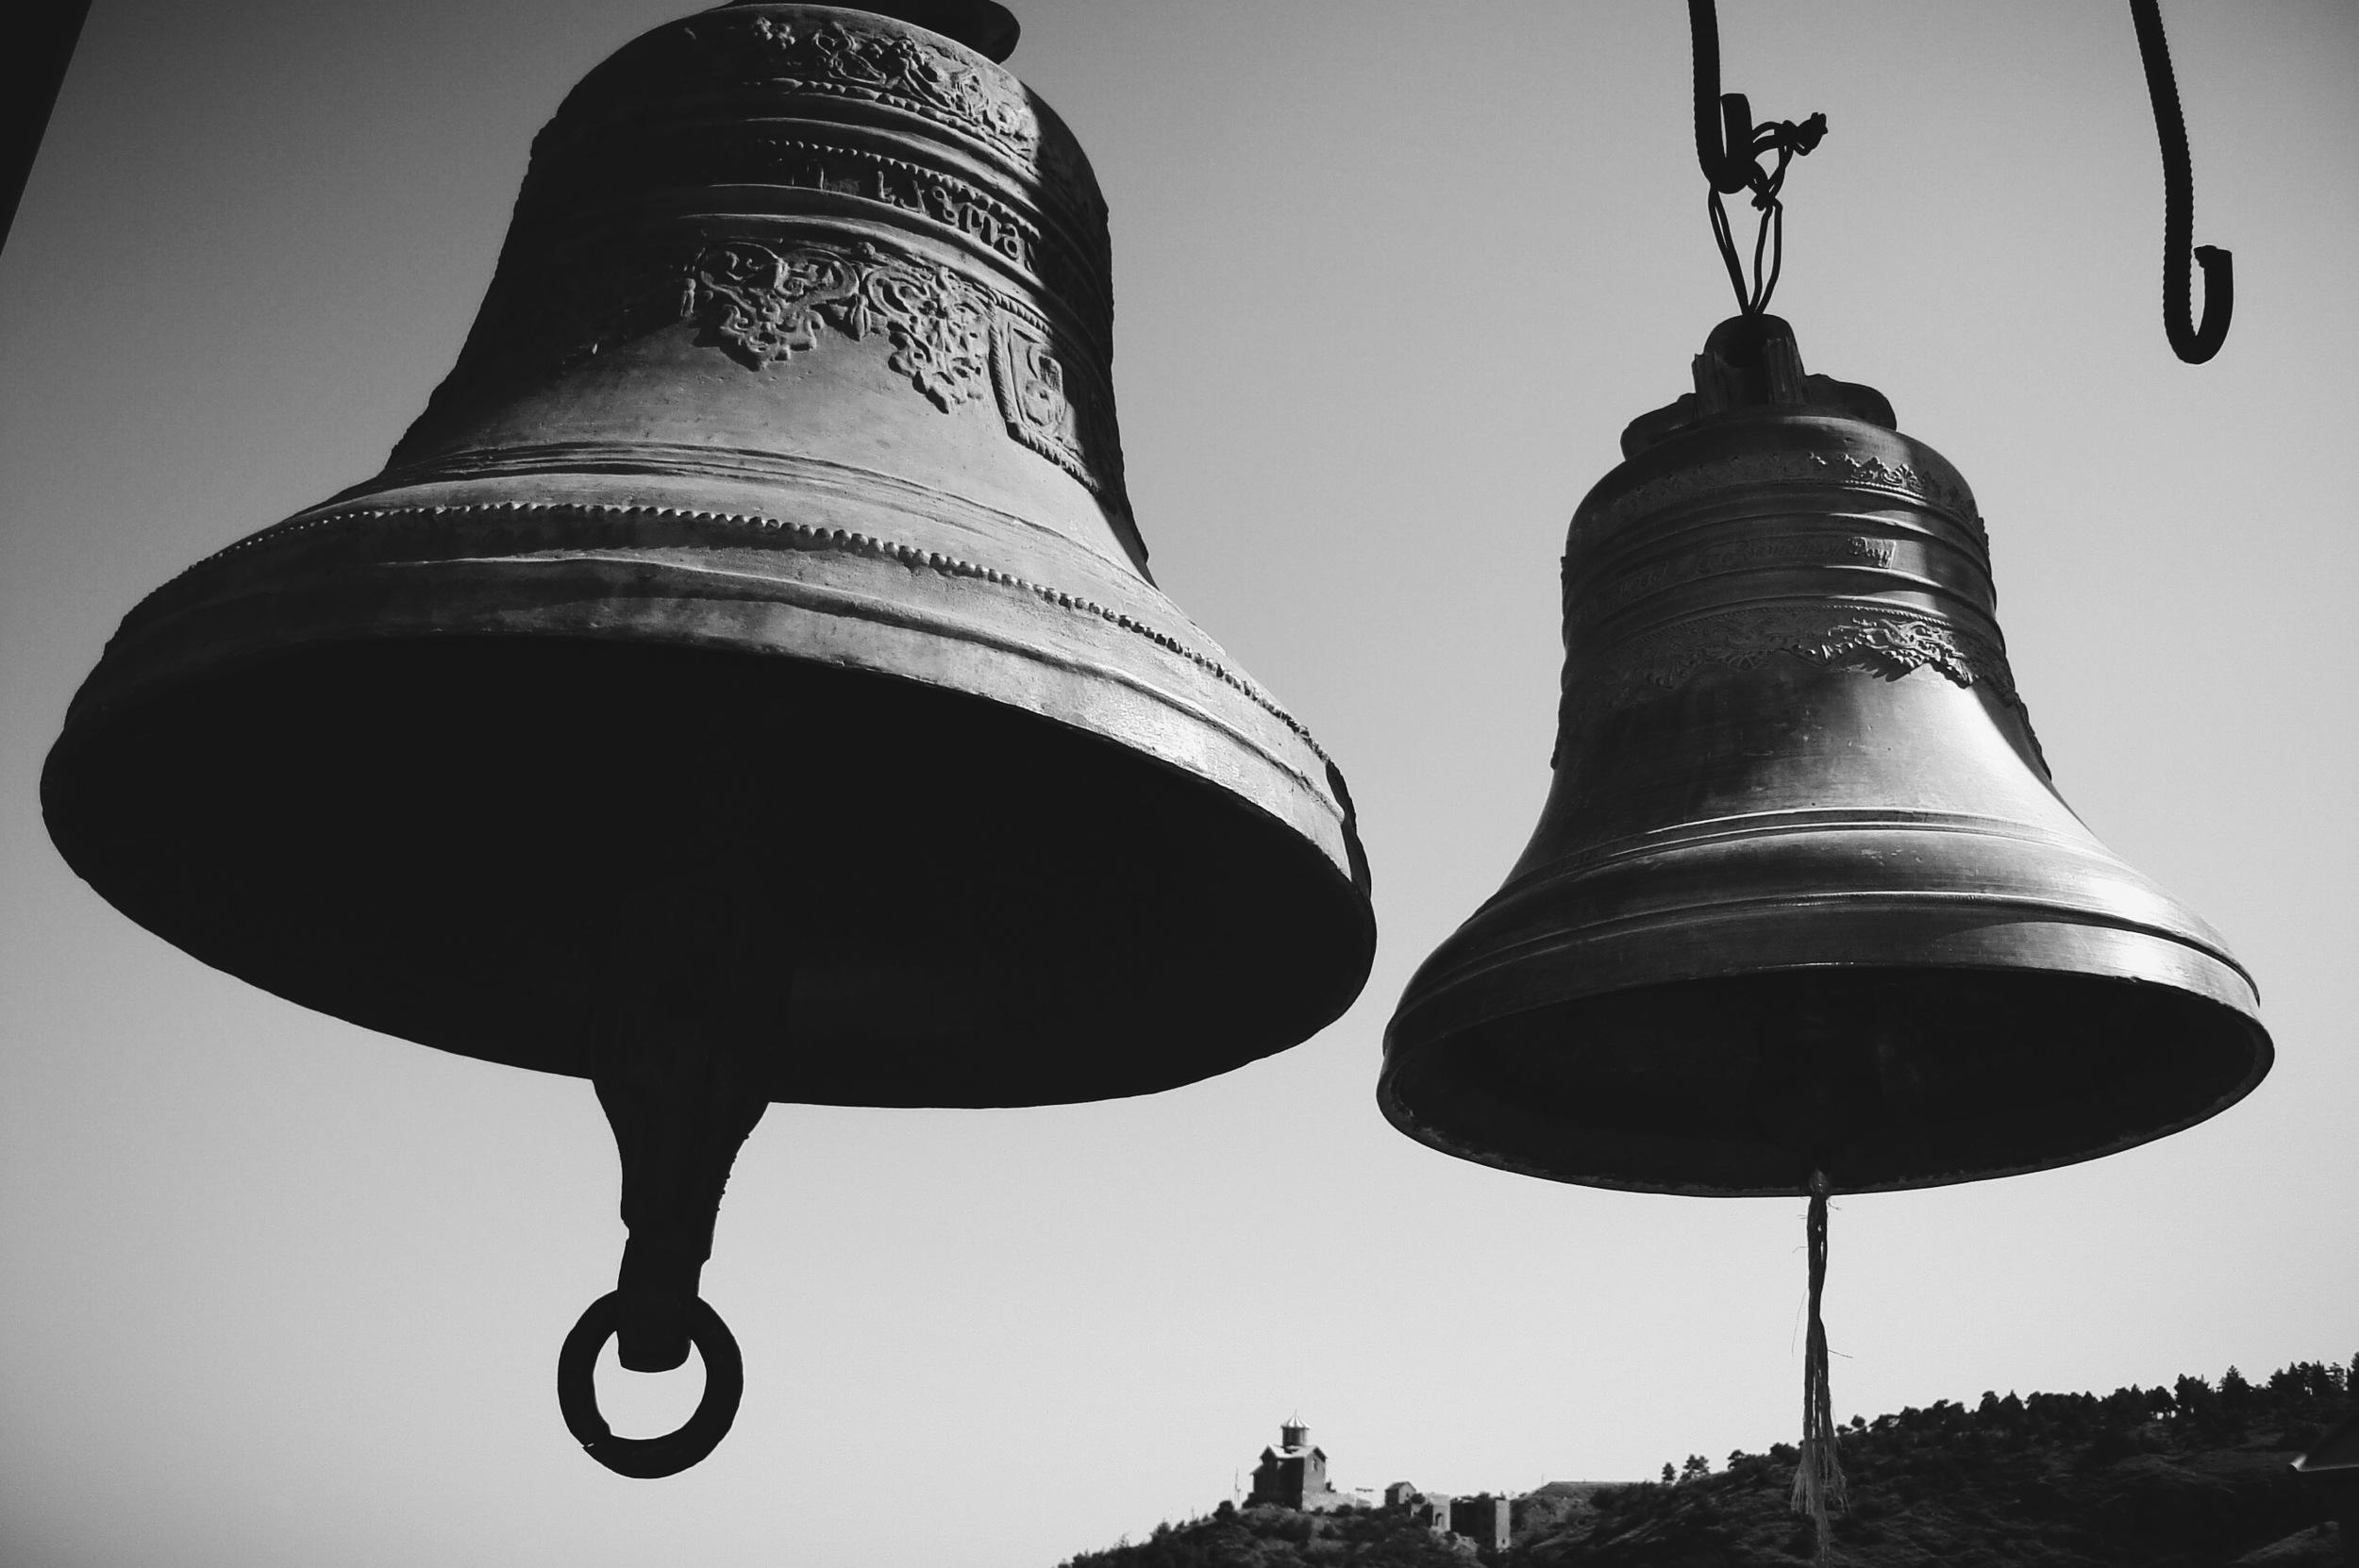 shaun-david-bells